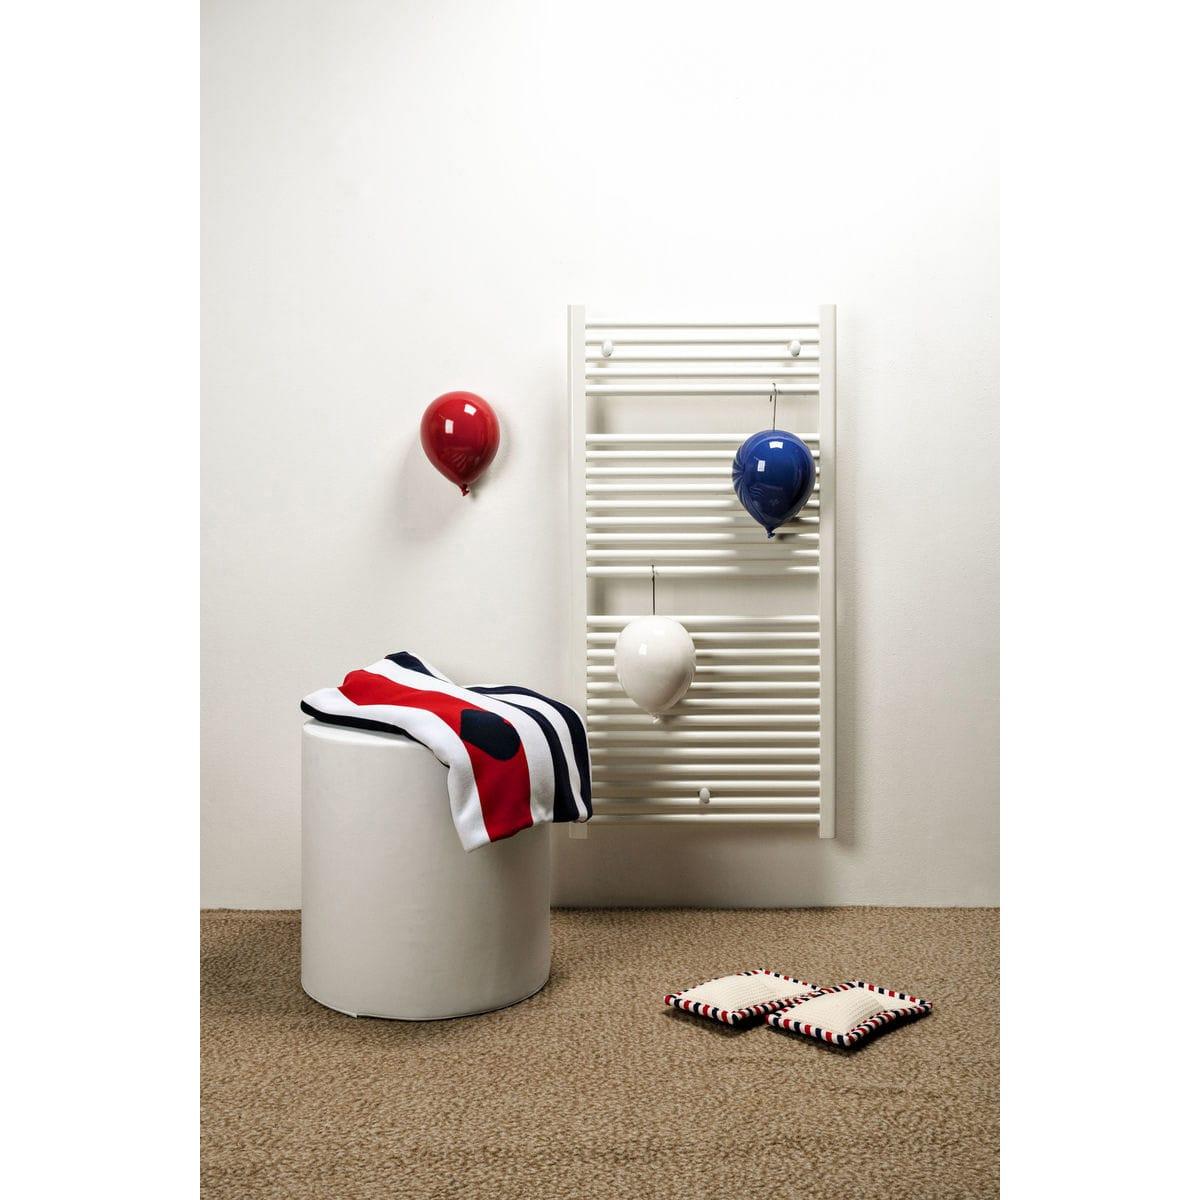 Umidificatori per radiatore in ceramica a forma di palloncino, collezione Balloon, colore rosso, bianco e blu